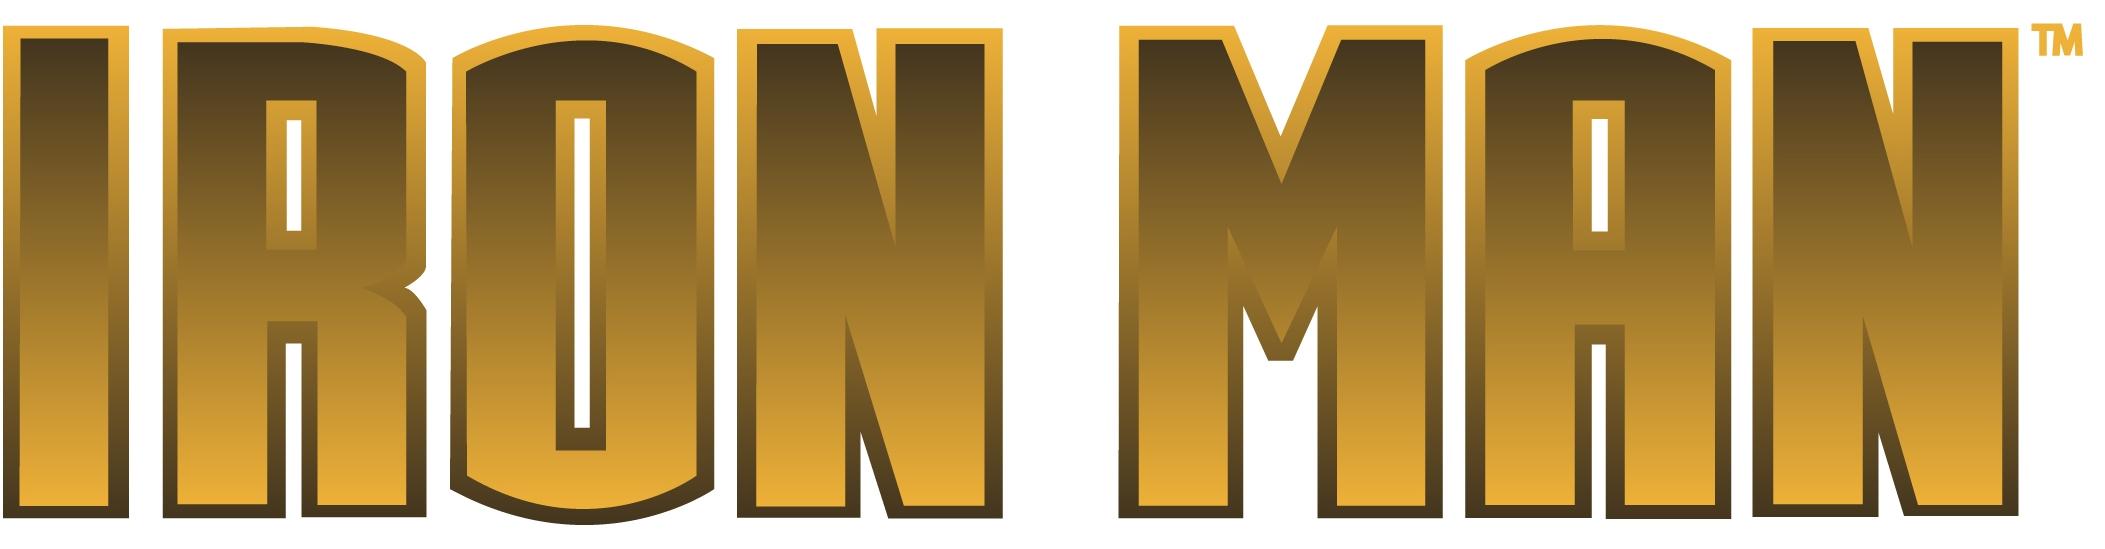 Iron man 3 Logos.